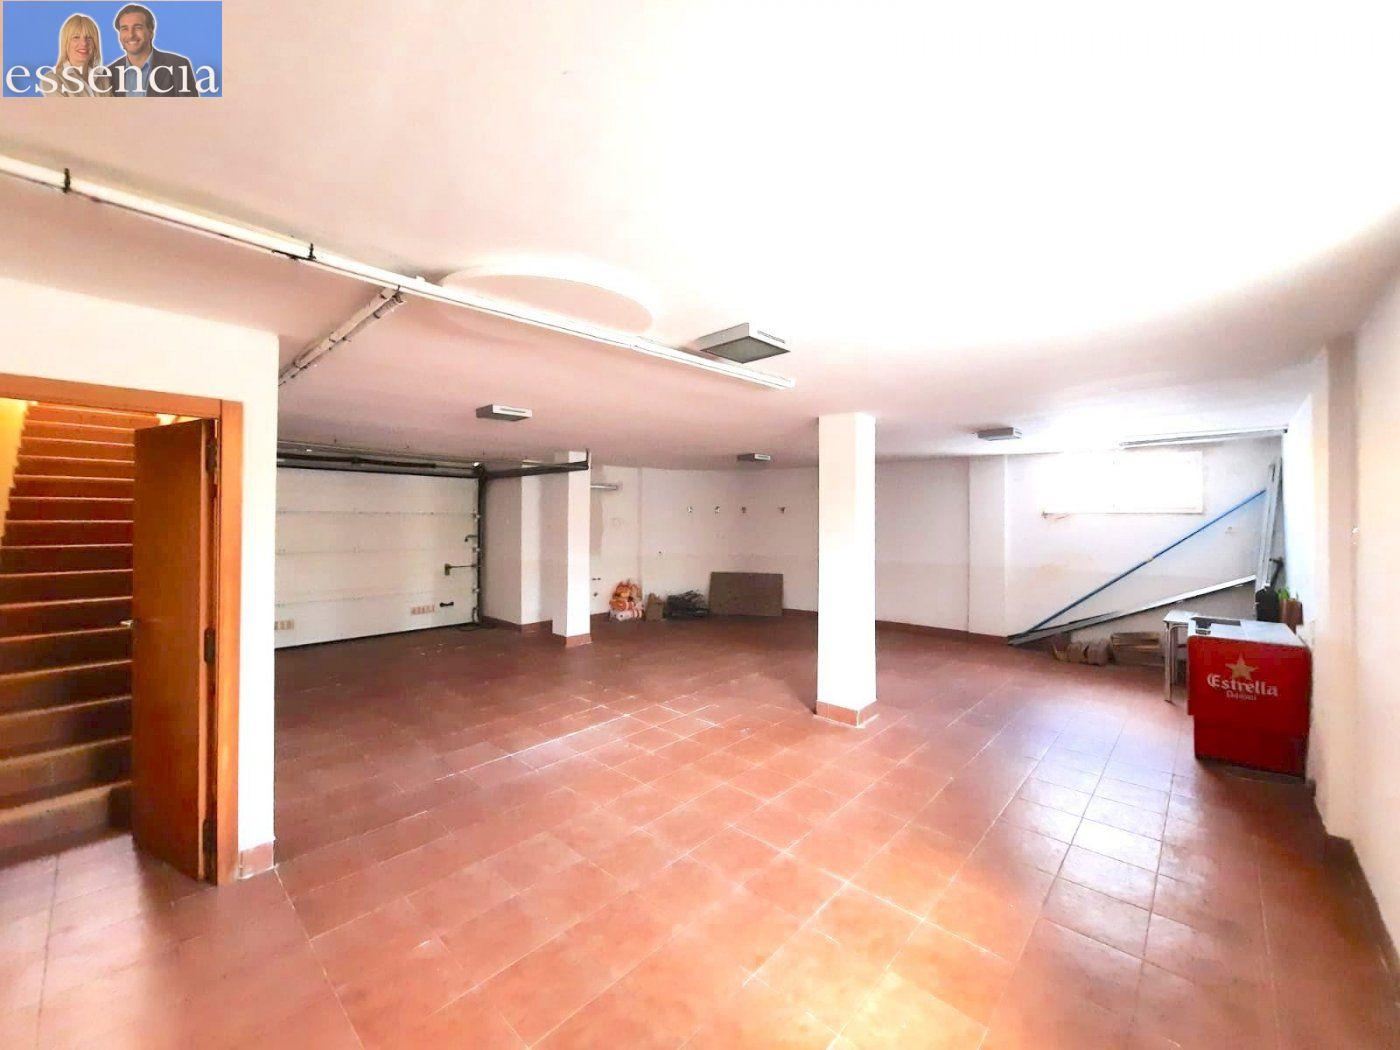 Chalet independiente en venta en calle magraner urbanización xauxa, 6, 46728, gandia (vale - imagenInmueble19